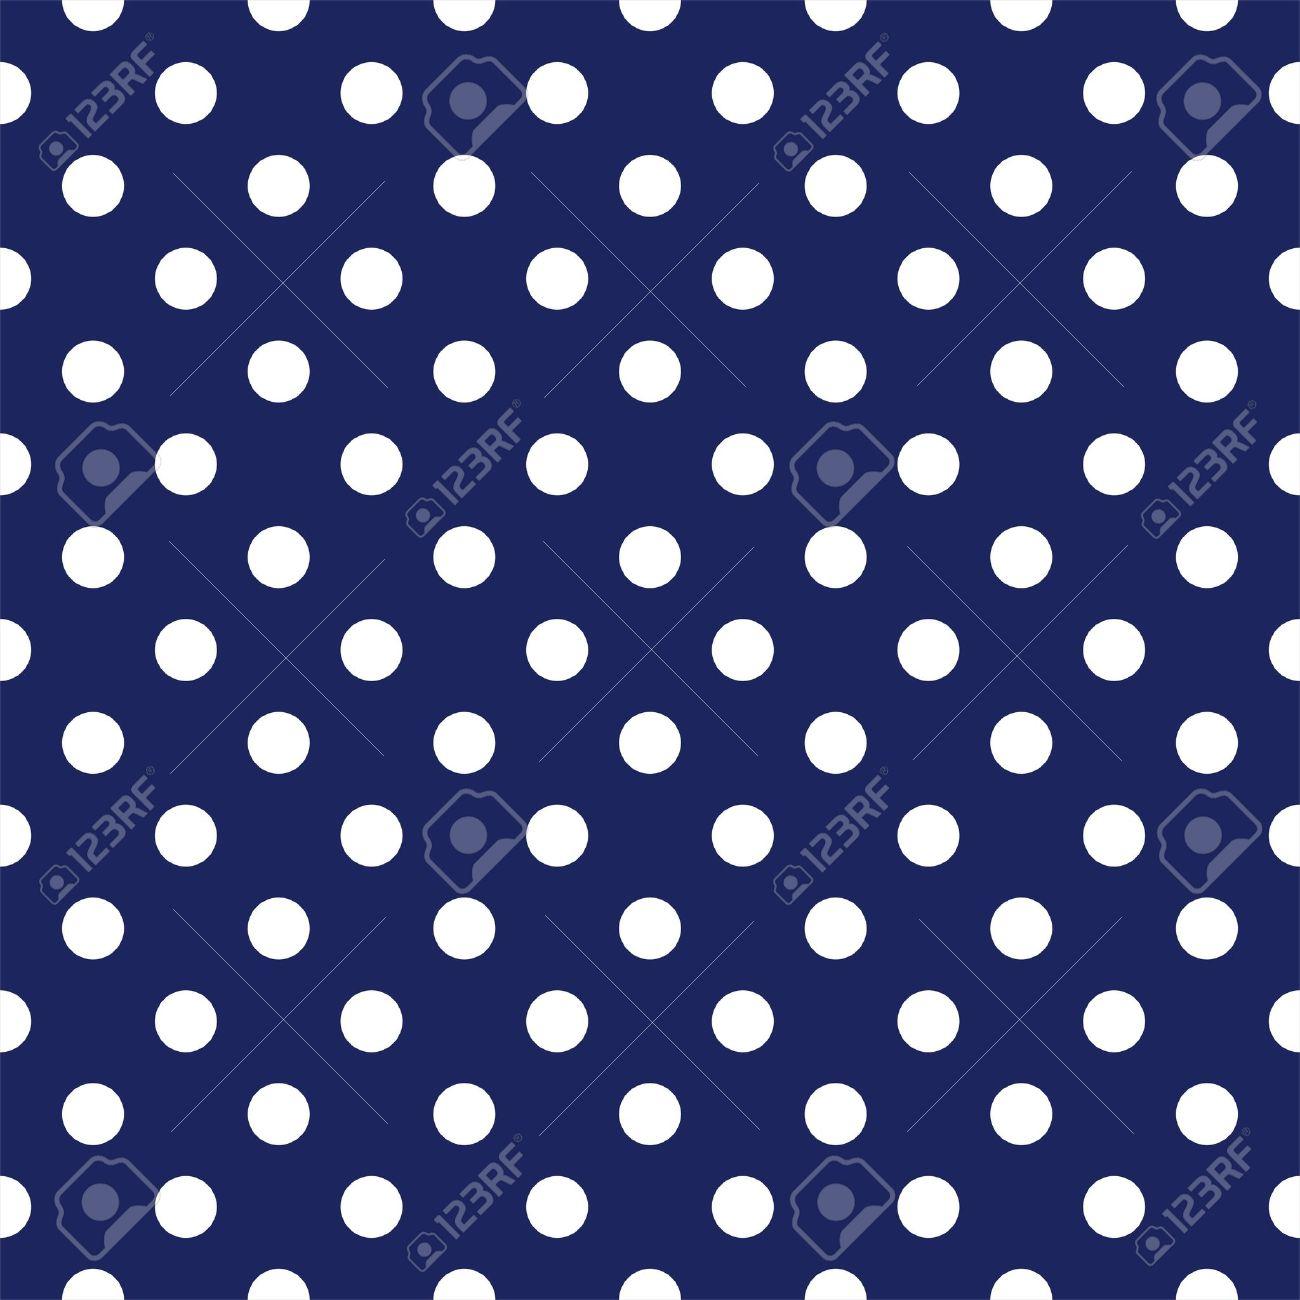 美少女戦士セーラームーン ネイビー ブルーの背景に白の水玉のシームレスなパターンのイラスト素材 ベクタ Image